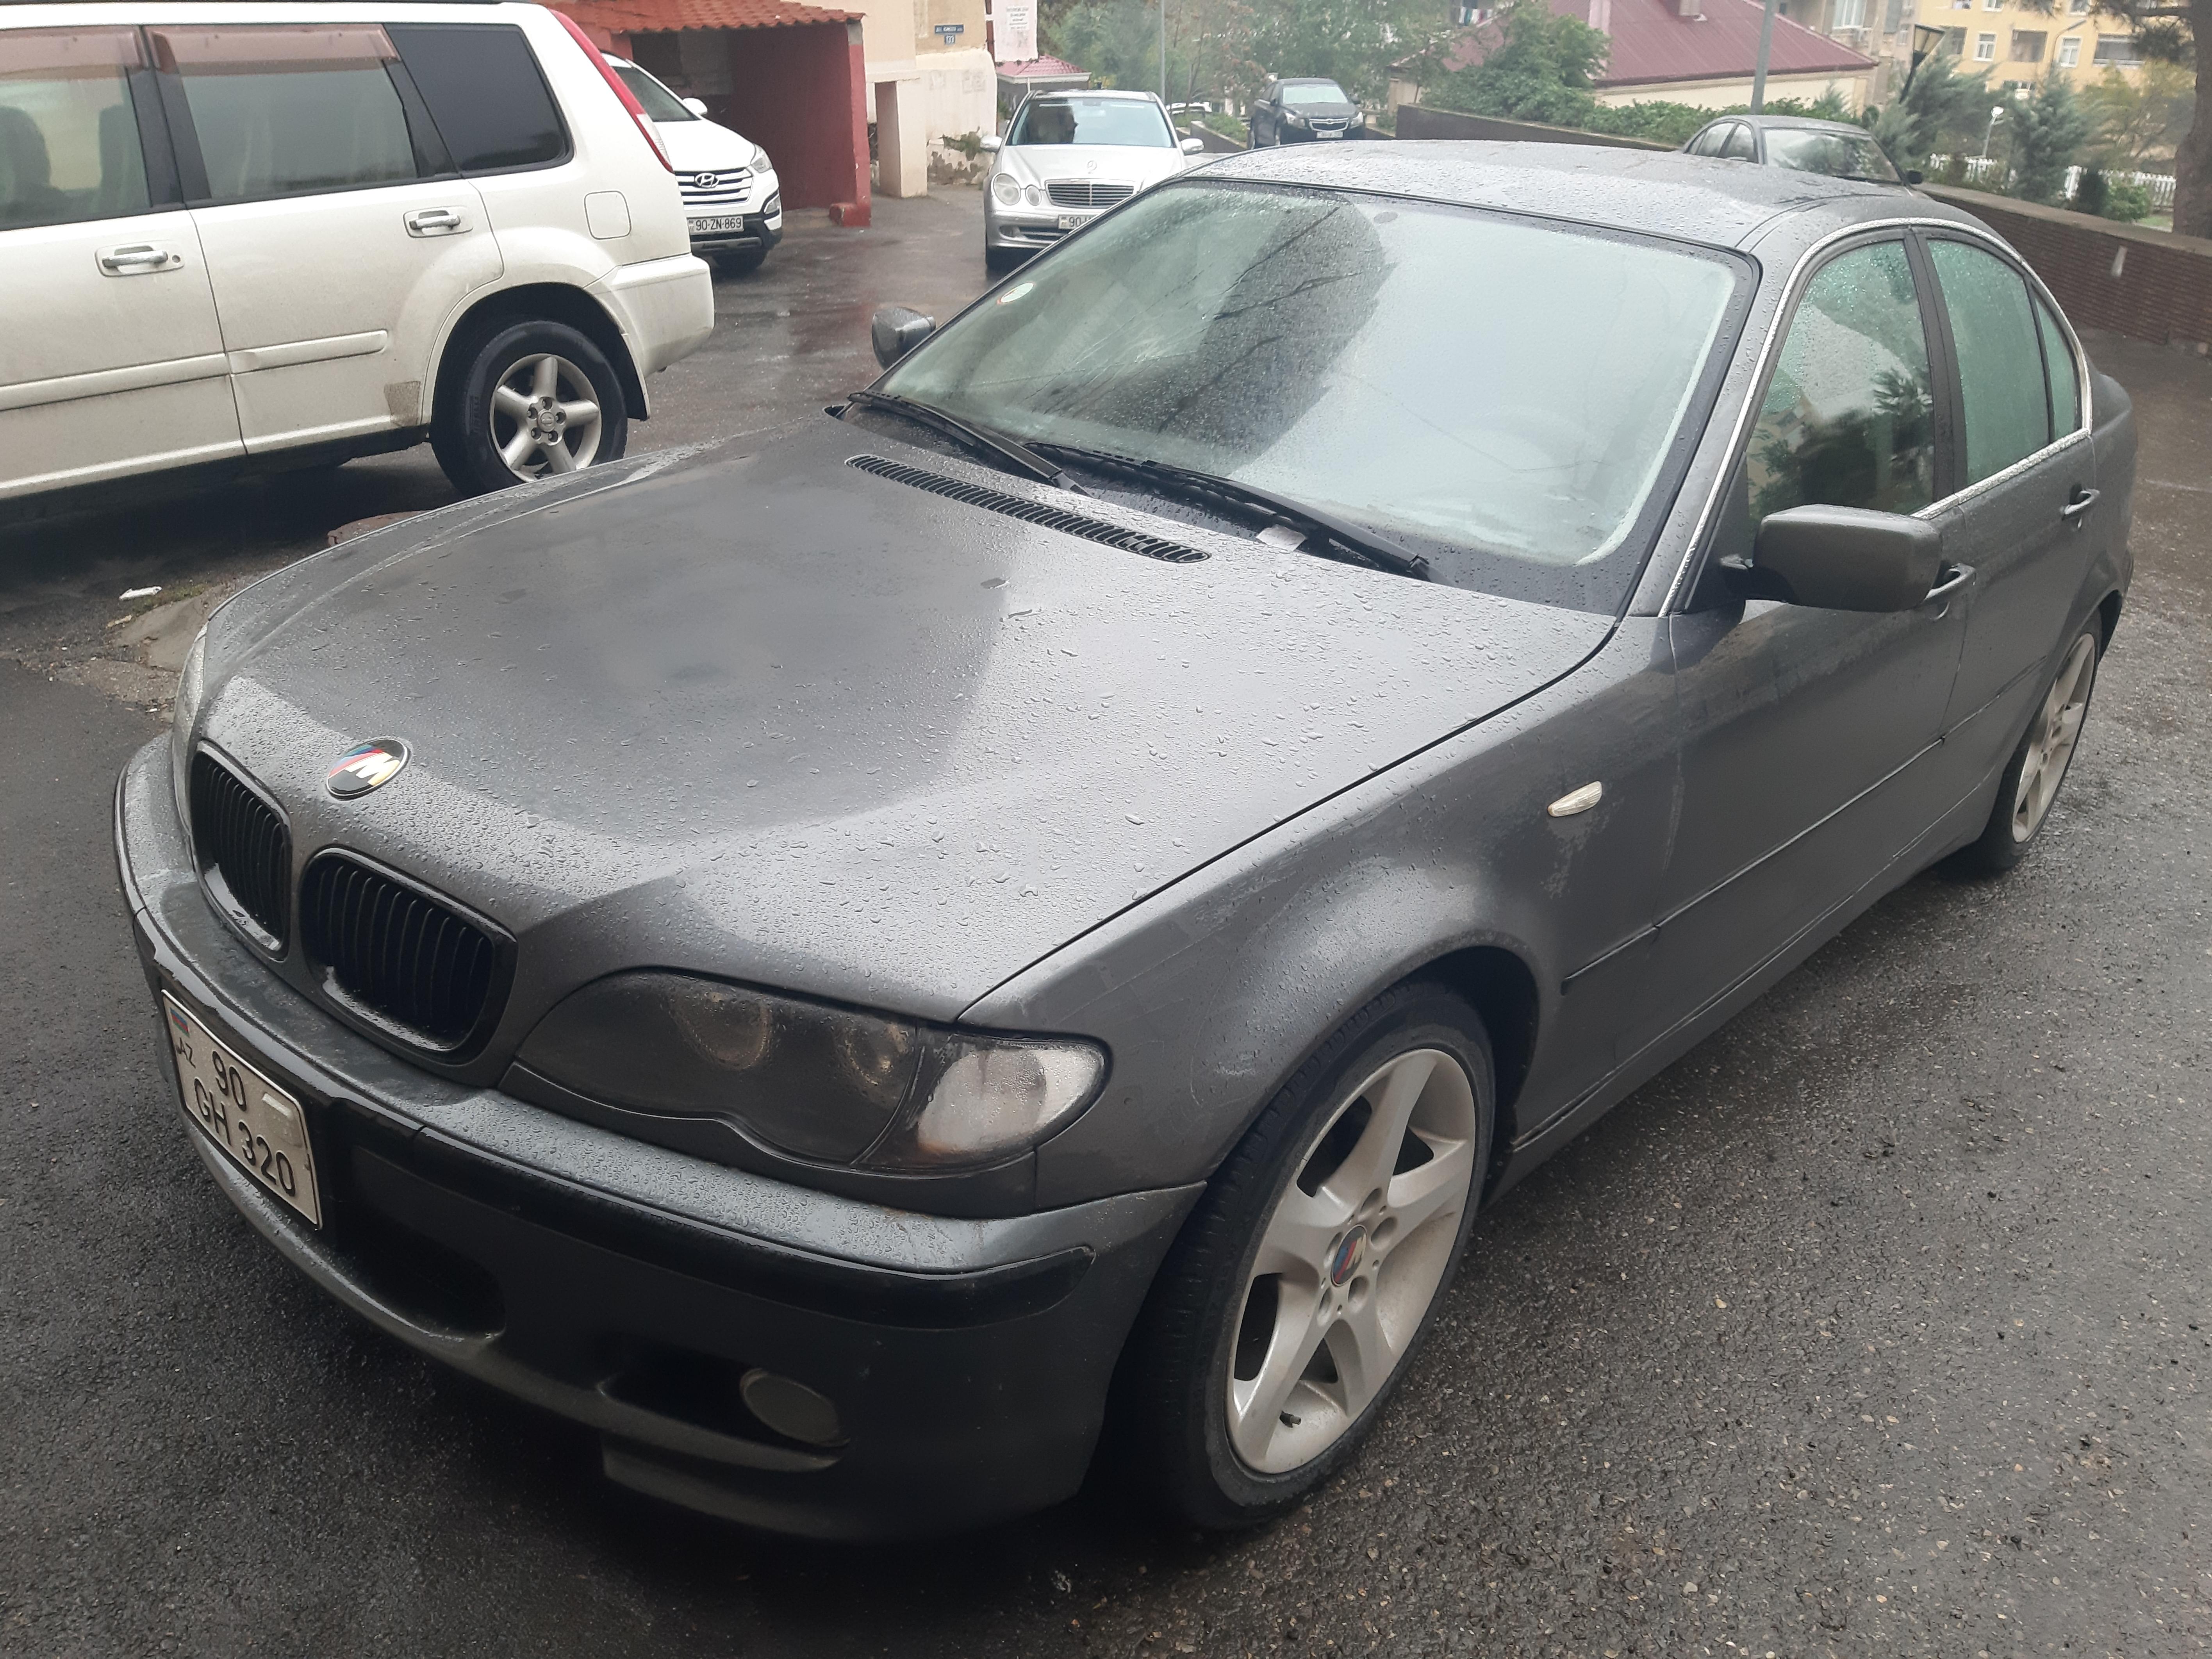 BMW 320 2.8(lt) 1999 Подержанный  $6050